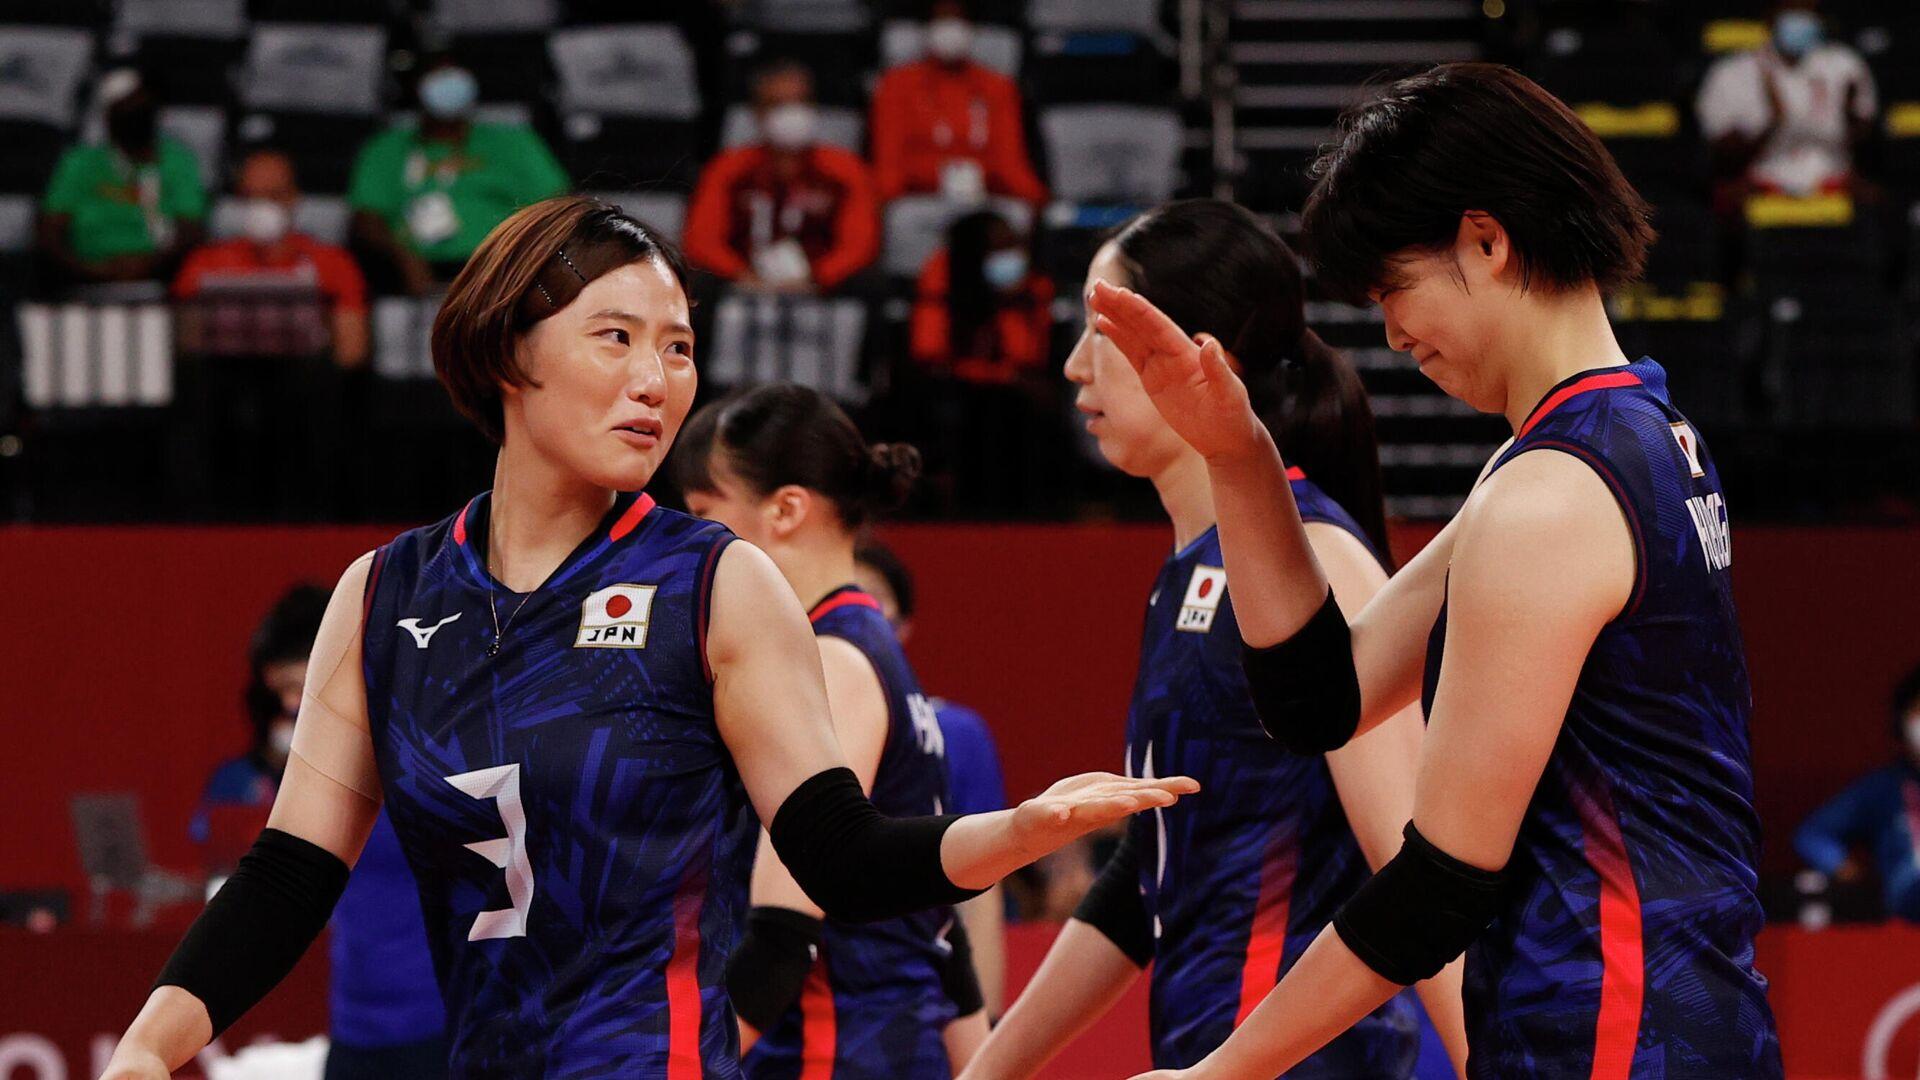 Игроки женской сборной Японии по волейболу - РИА Новости, 1920, 25.07.2021